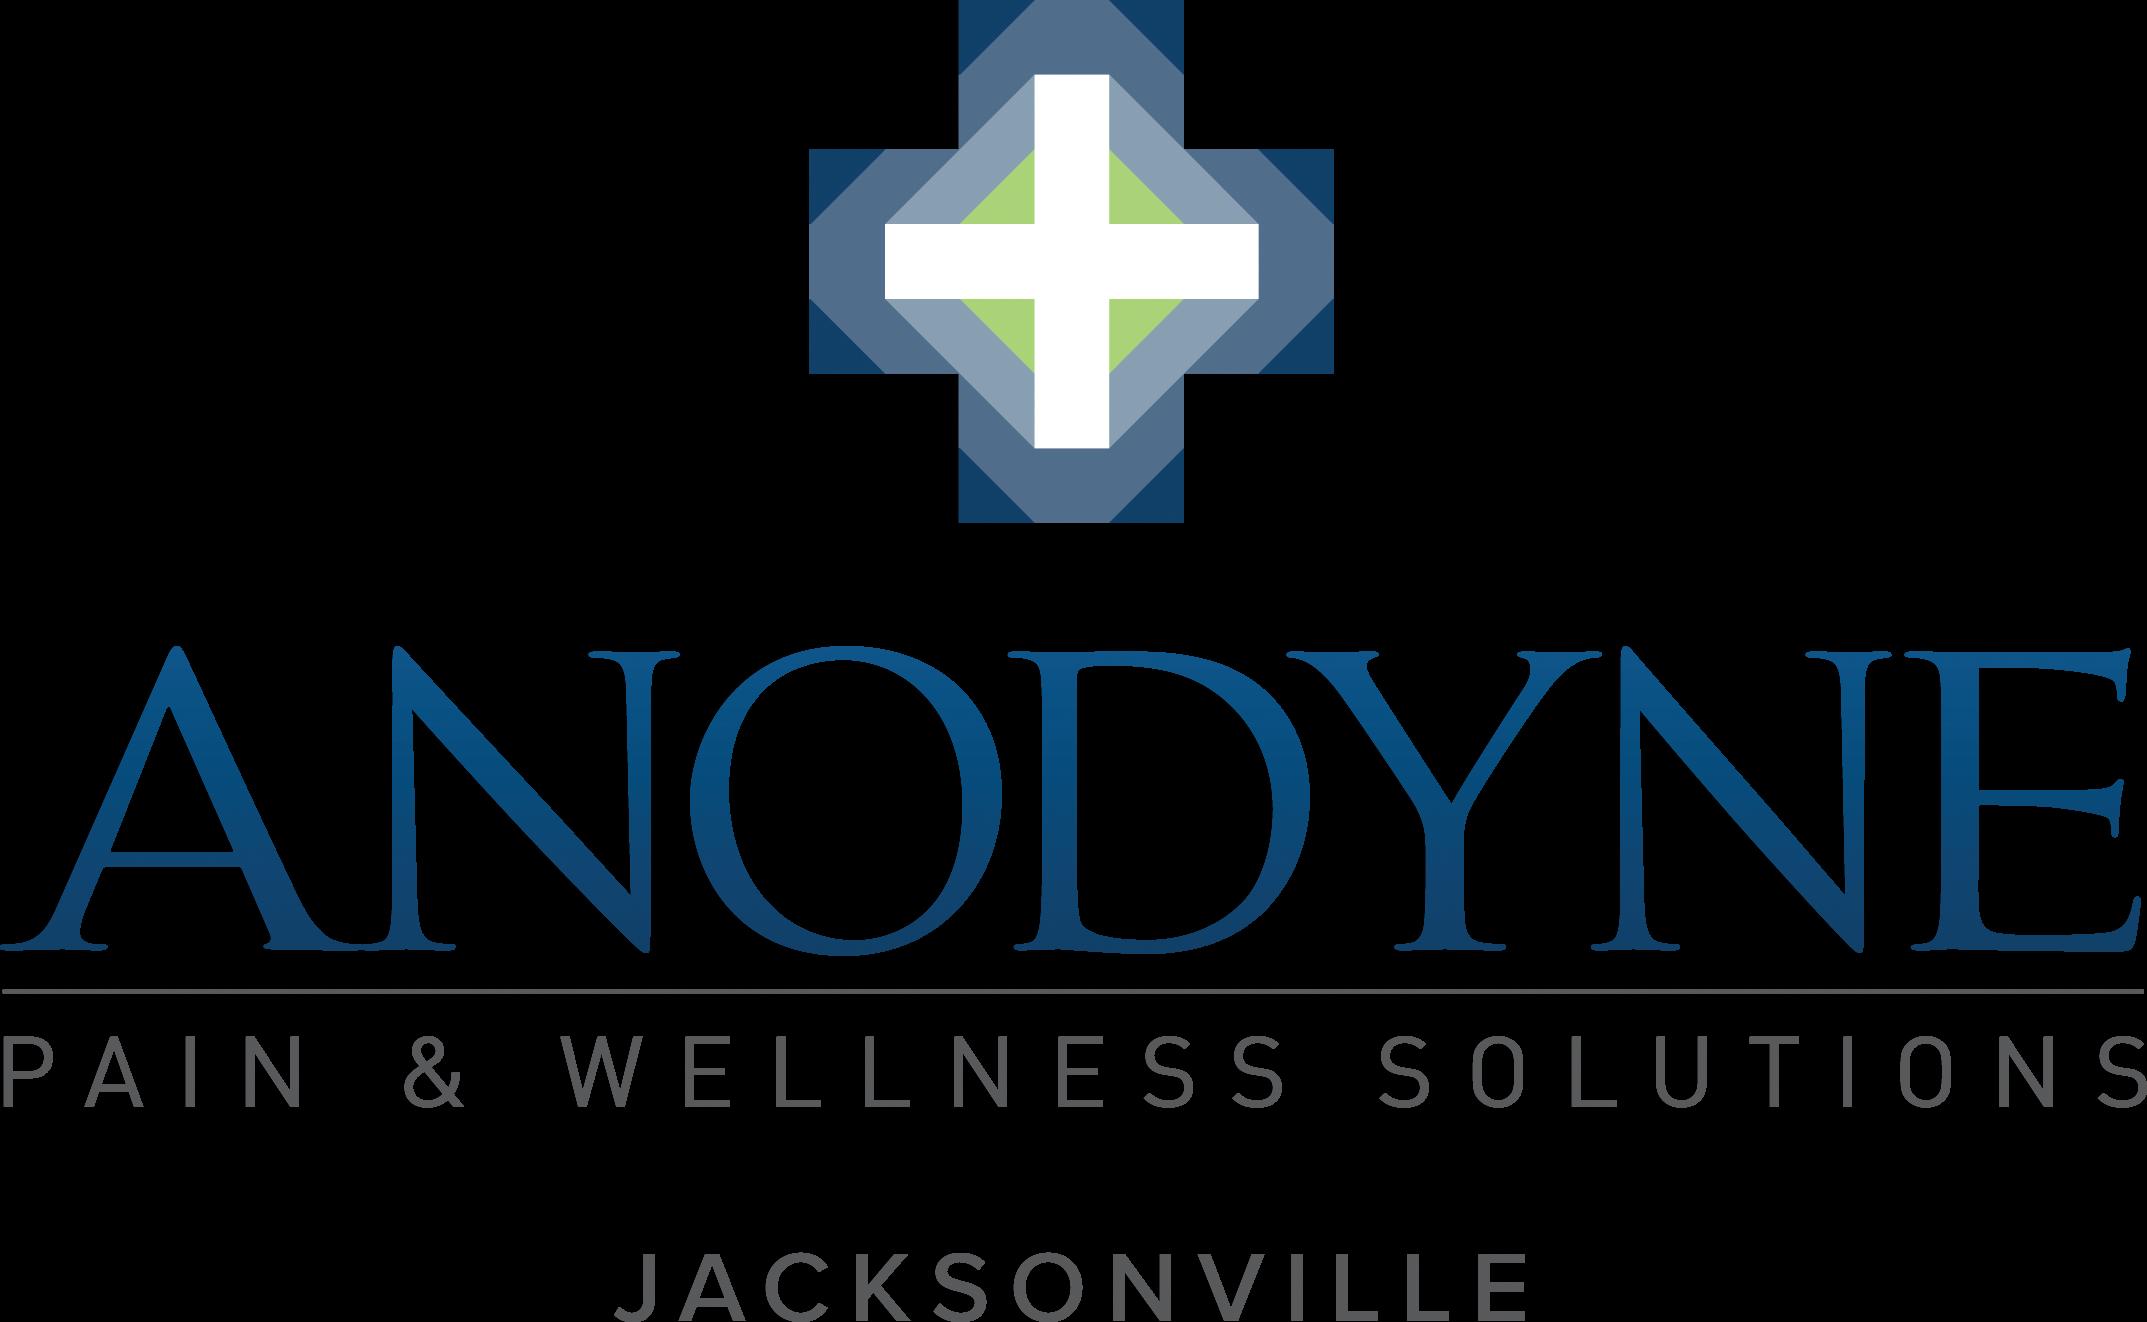 Anodyne of Jacksonville